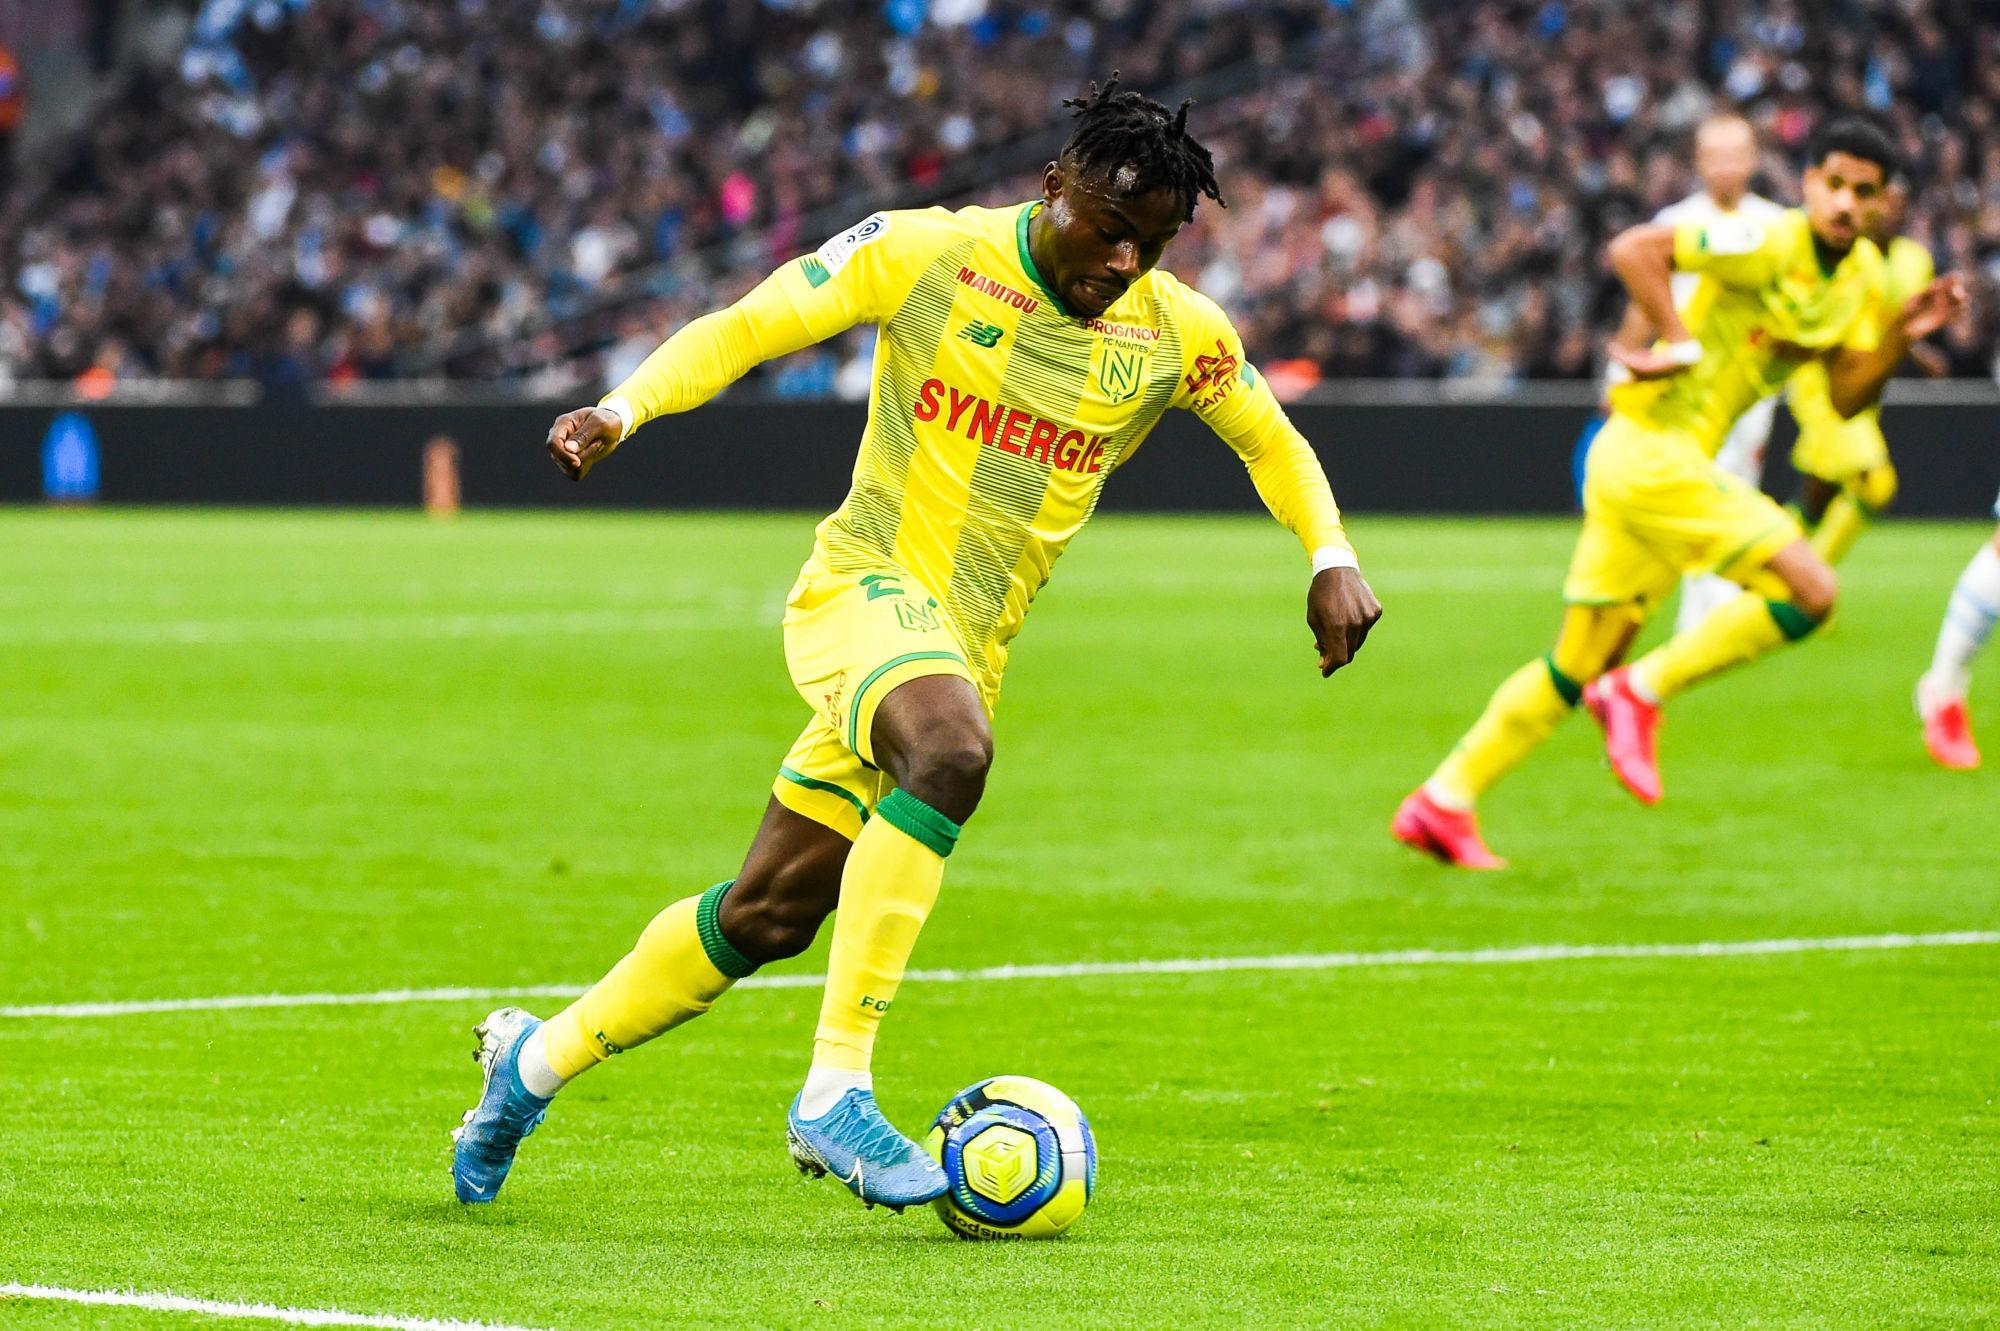 Mercato OM : Un ailier nigérian de Ligue 1 proposé à l'OM